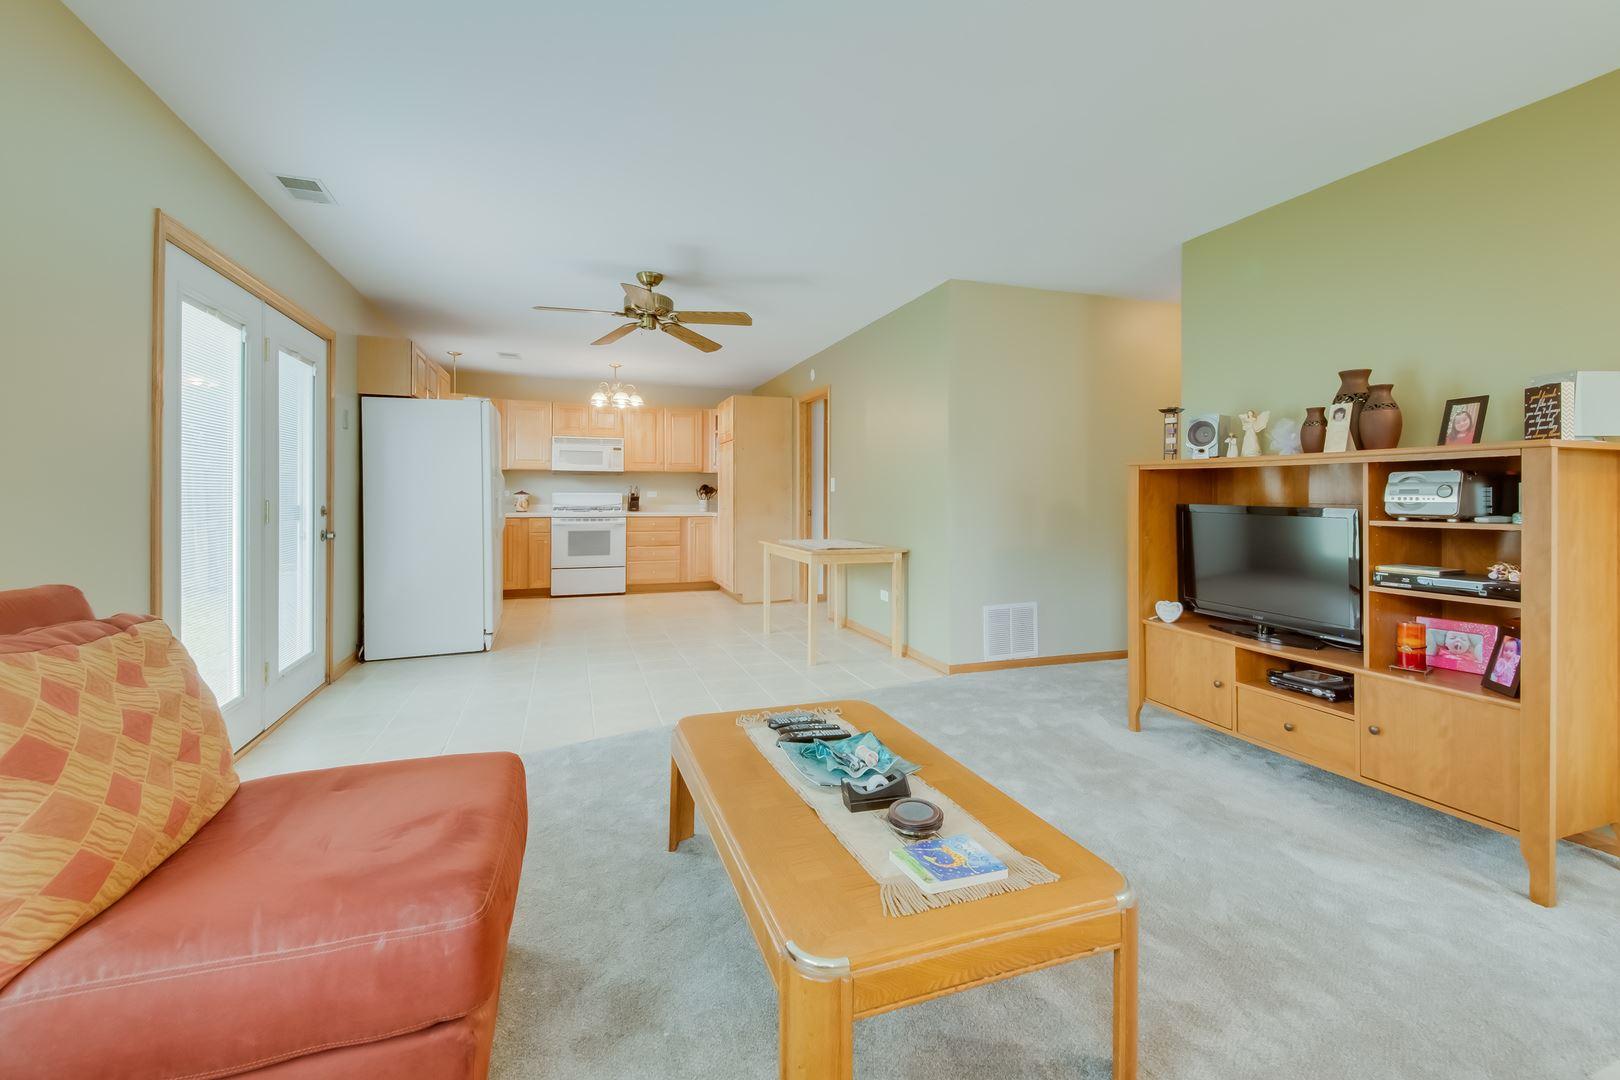 Photo of 112 Cedarbend Drive, Romeoville, IL 60446 (MLS # 10895317)